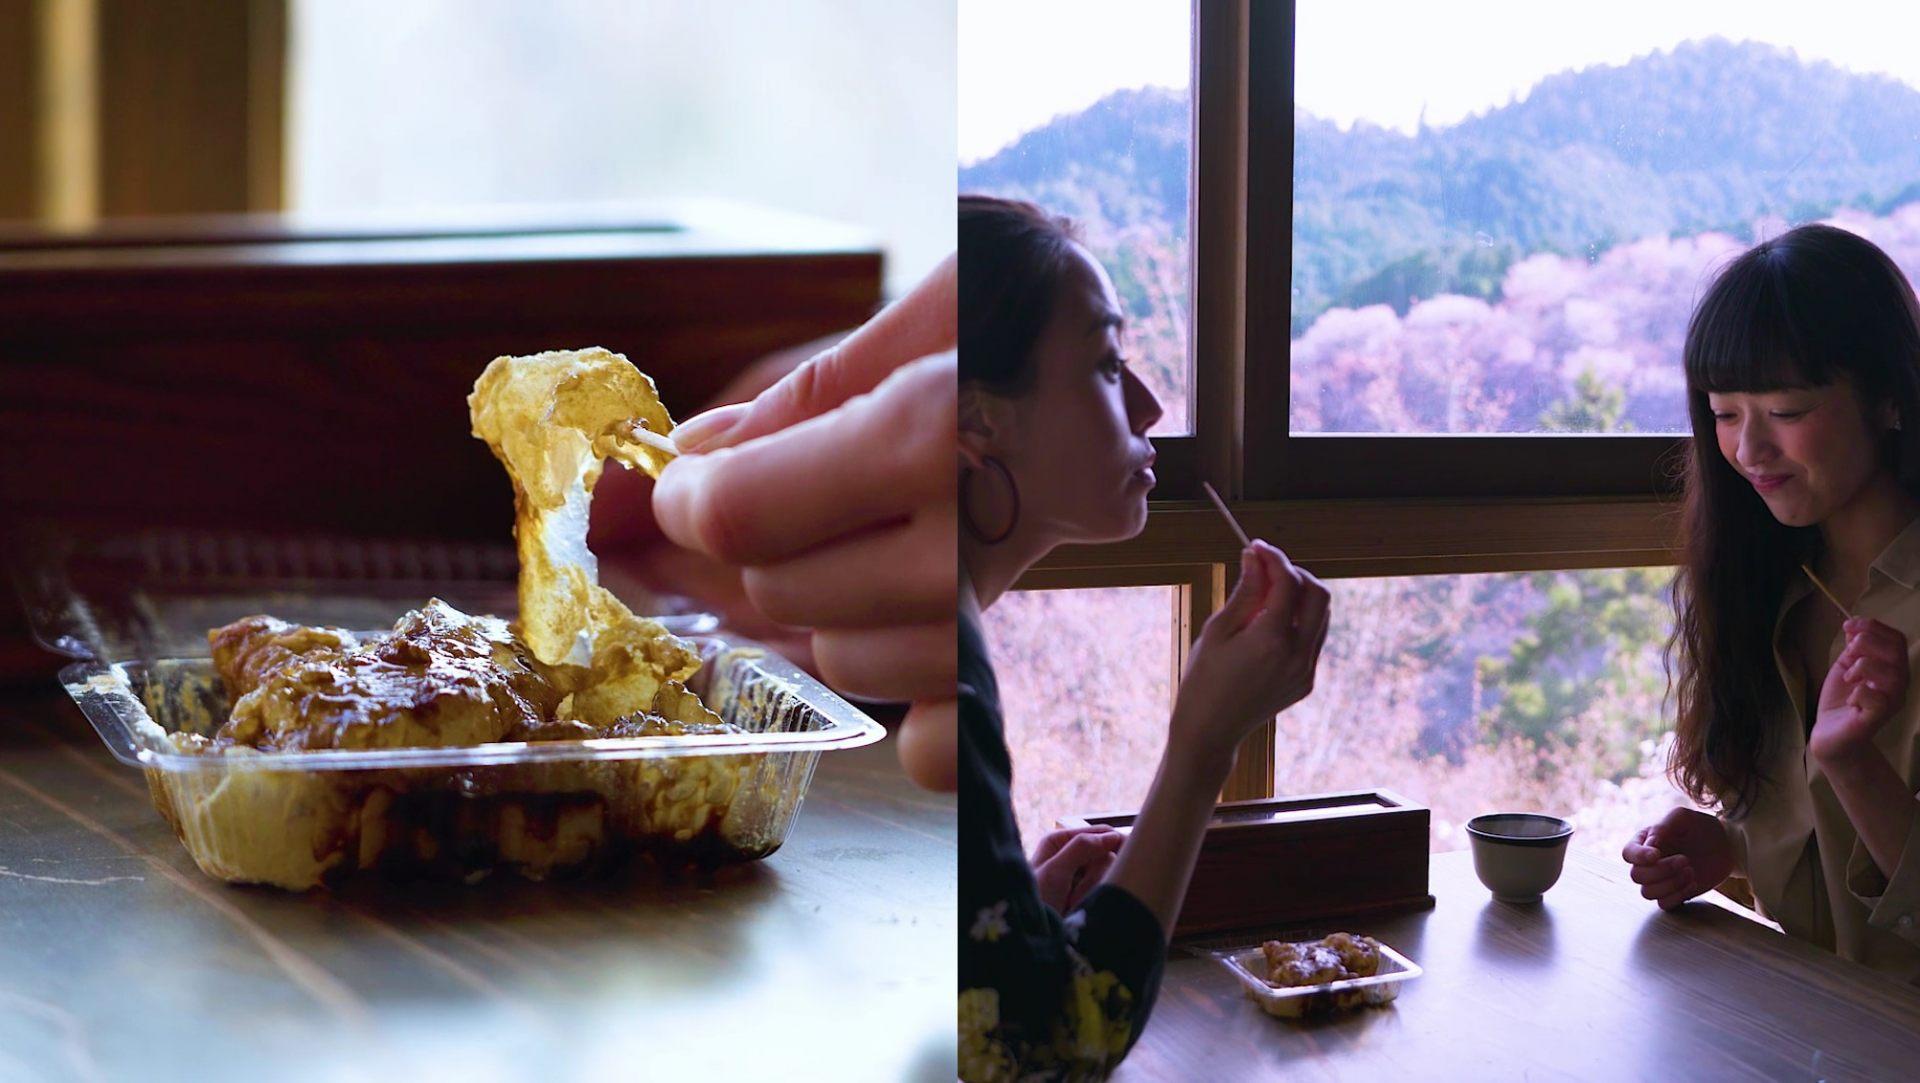 使用「吉野葛」所做的和果子「葛饼」